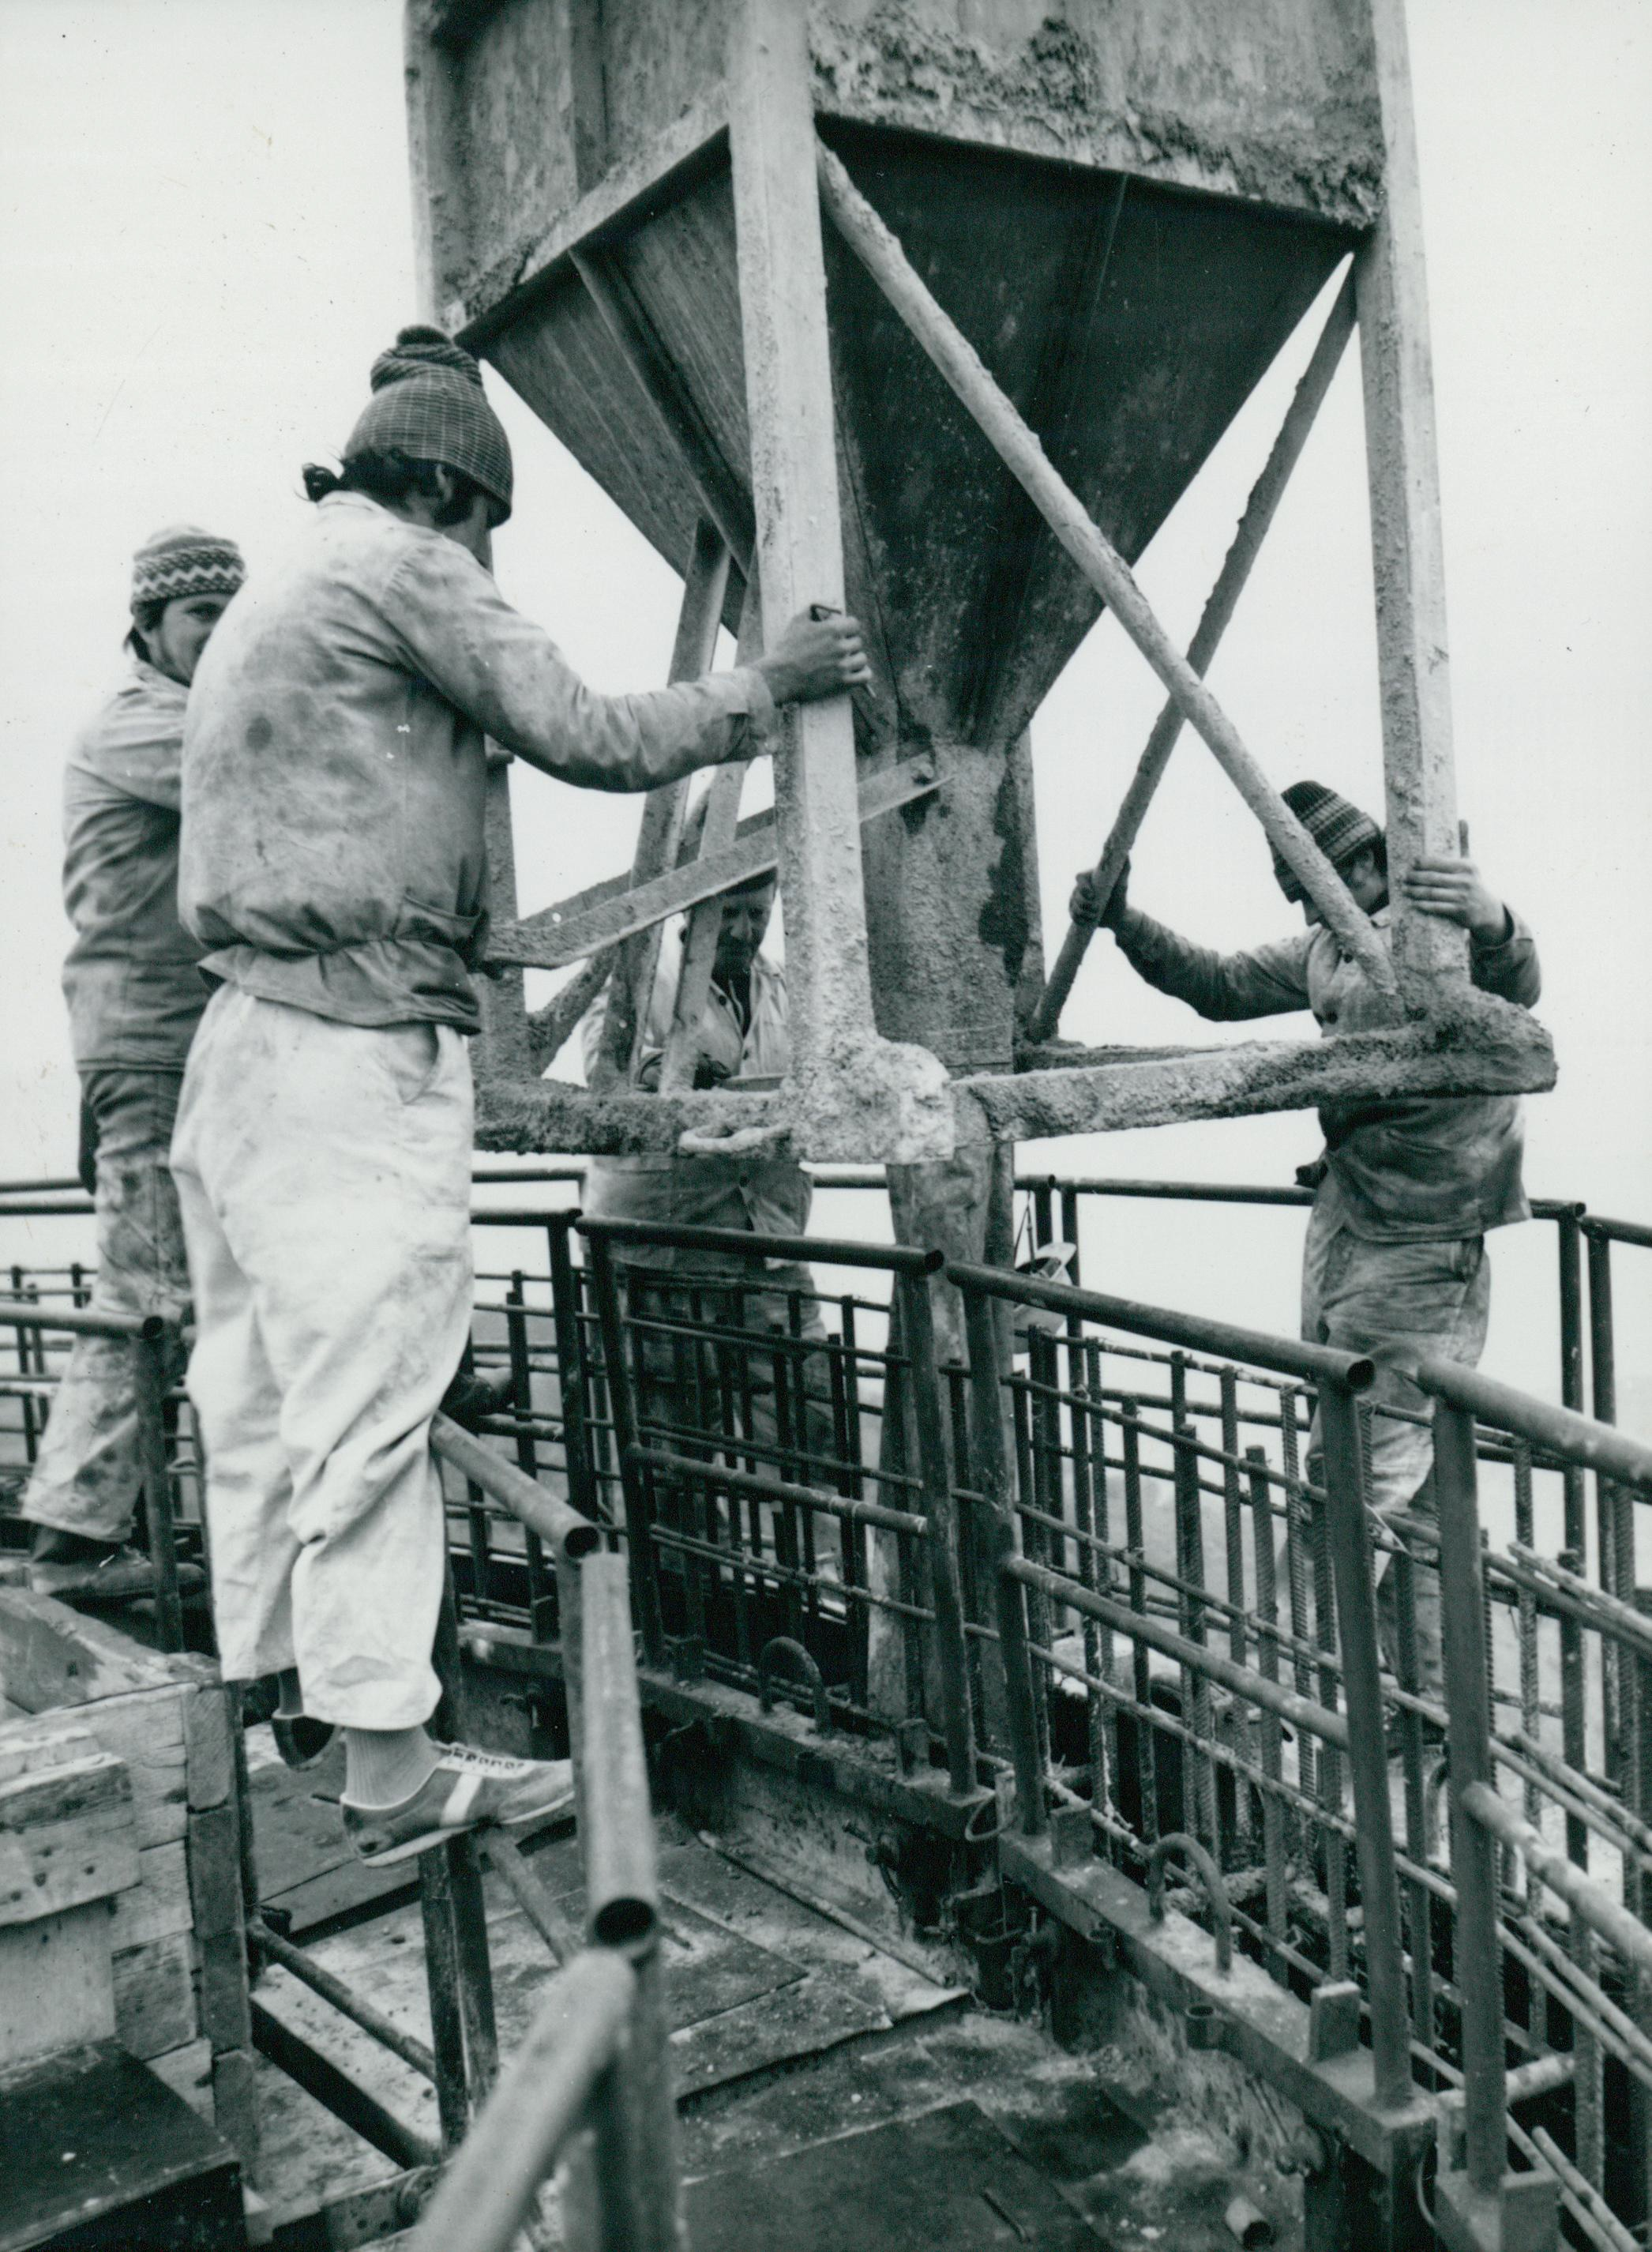 Zsaluzat feltöltése betonnal a kékesi tévétorony építésénél